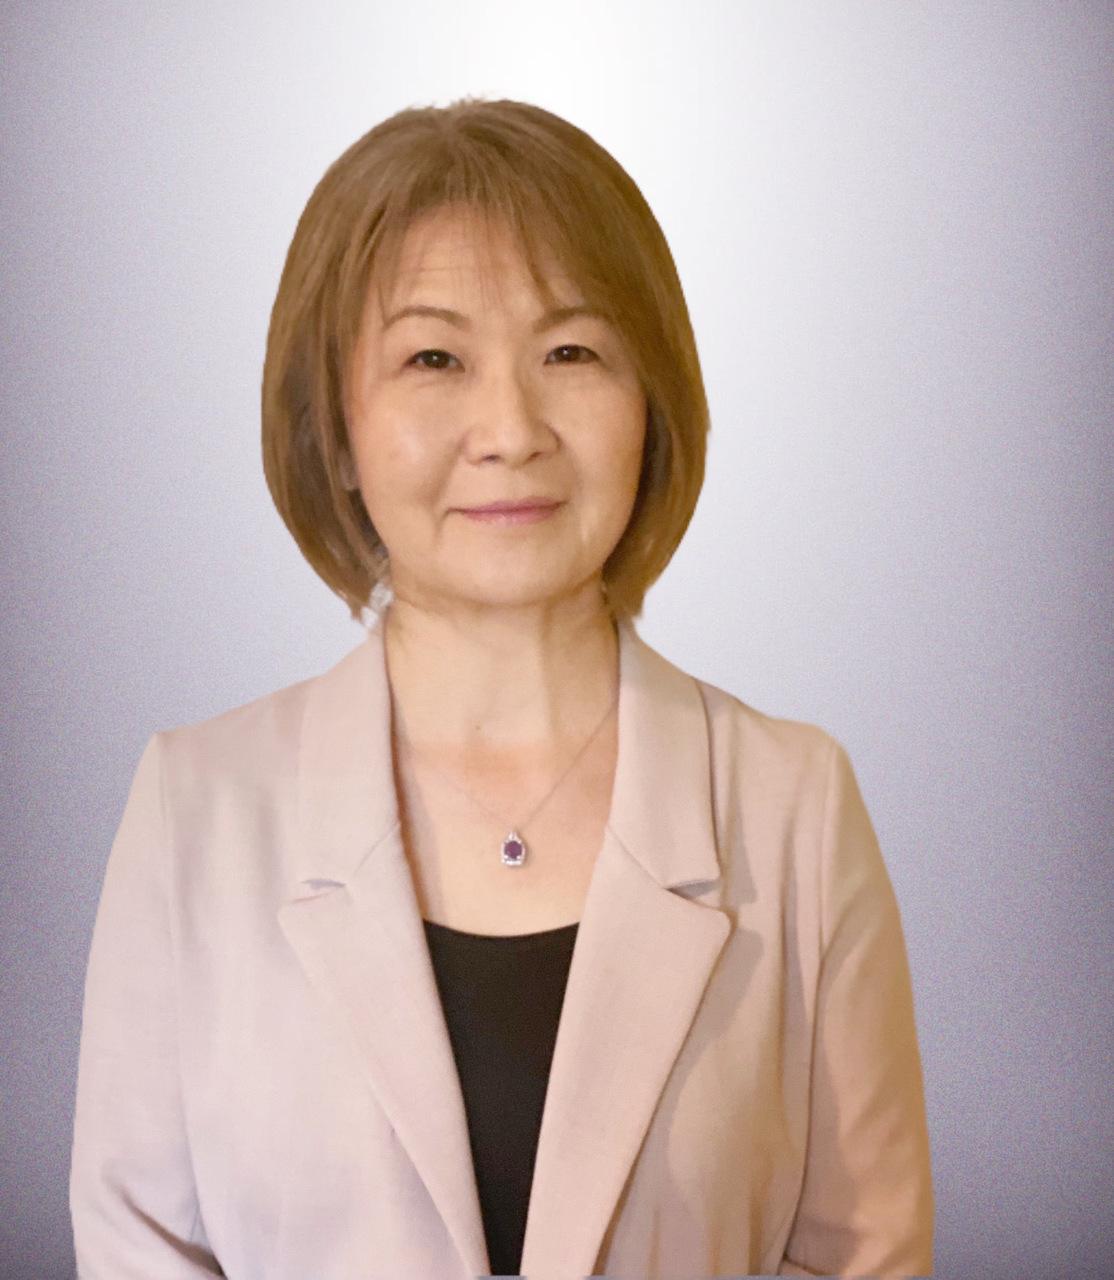 日本グリーフ専門士協会認定 グリーフカウンセラー/ペットロスカウンセラー グリスウォルド信子